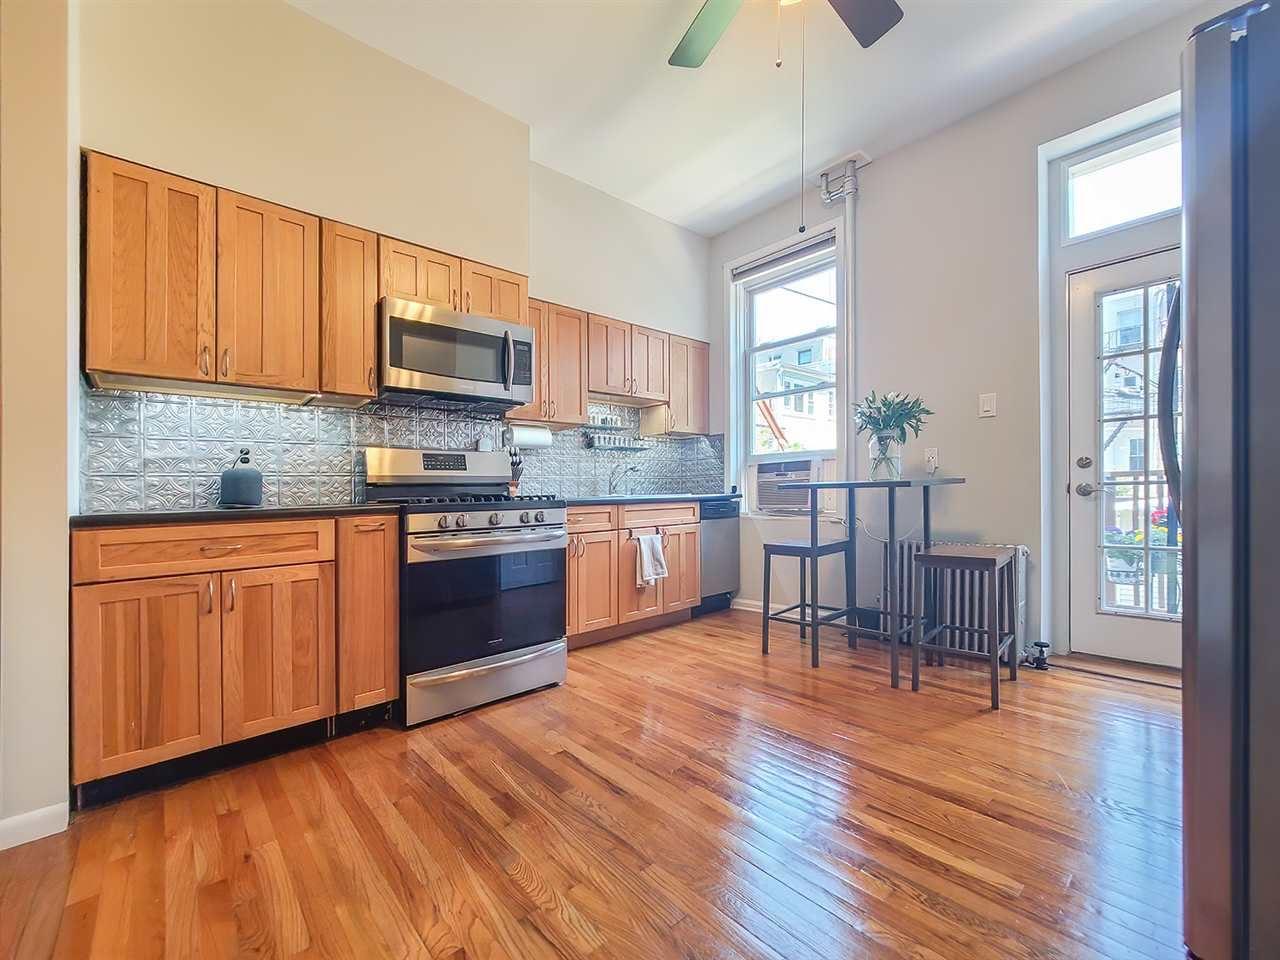 627 WILLOW AVE #1, Hoboken, NJ 07030 - #: 202015323